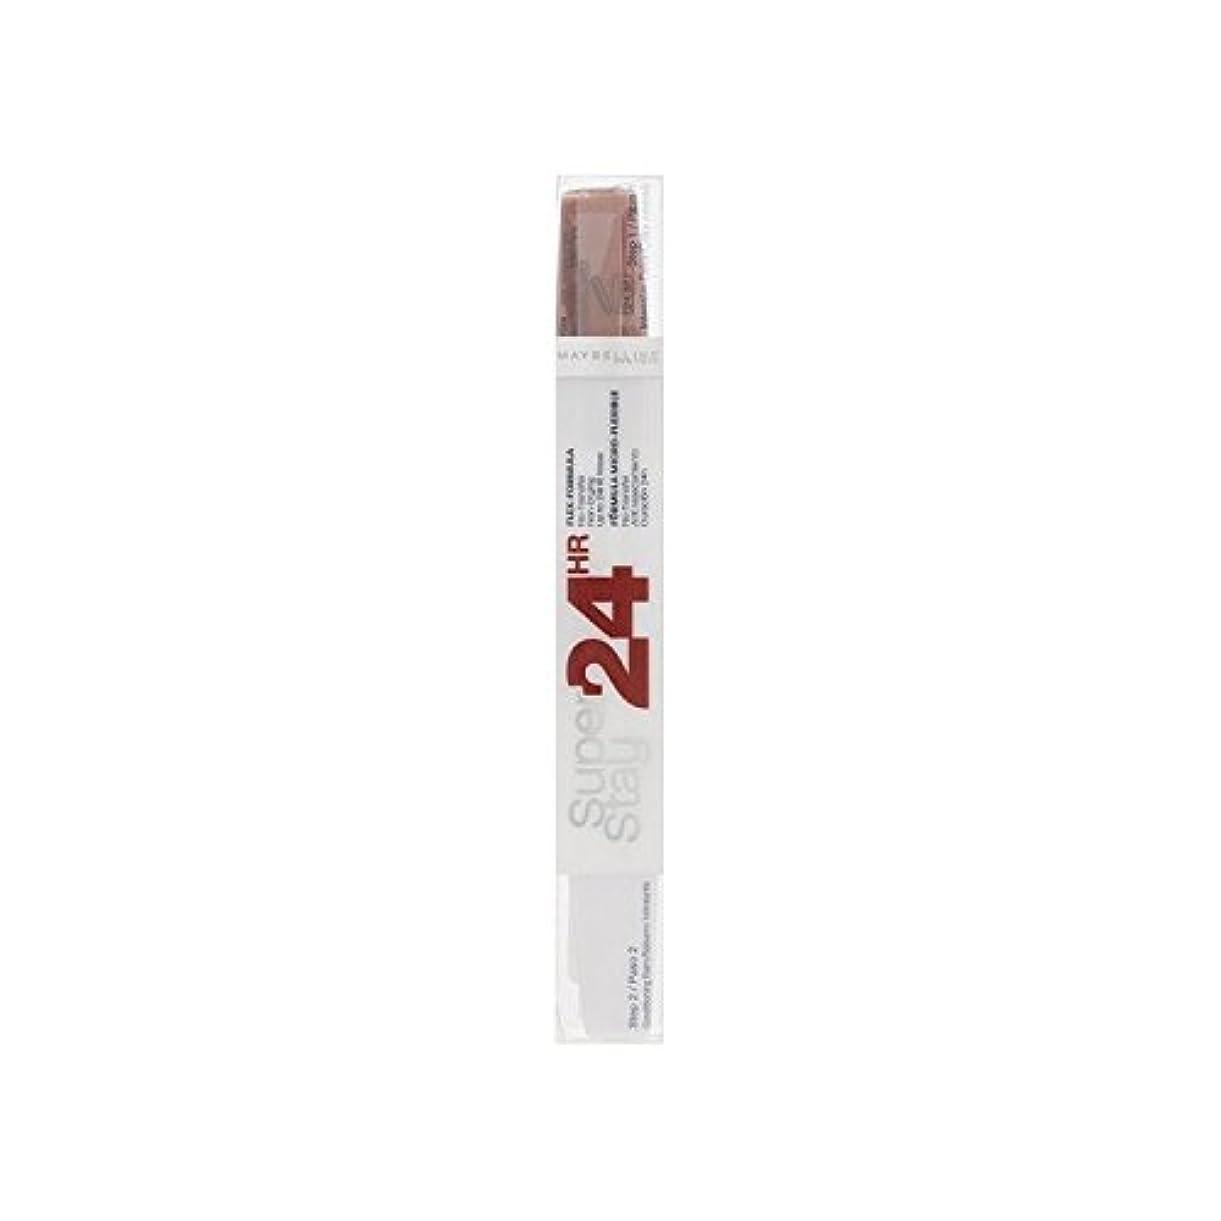 彫刻一目裏切るメイベリン24デュアル口紅575ピンクスパイス9ミリリットル x2 - Maybelline SuperStay24H Dual Lipstick 575 Pink Spice 9ml (Pack of 2) [並行輸入品]